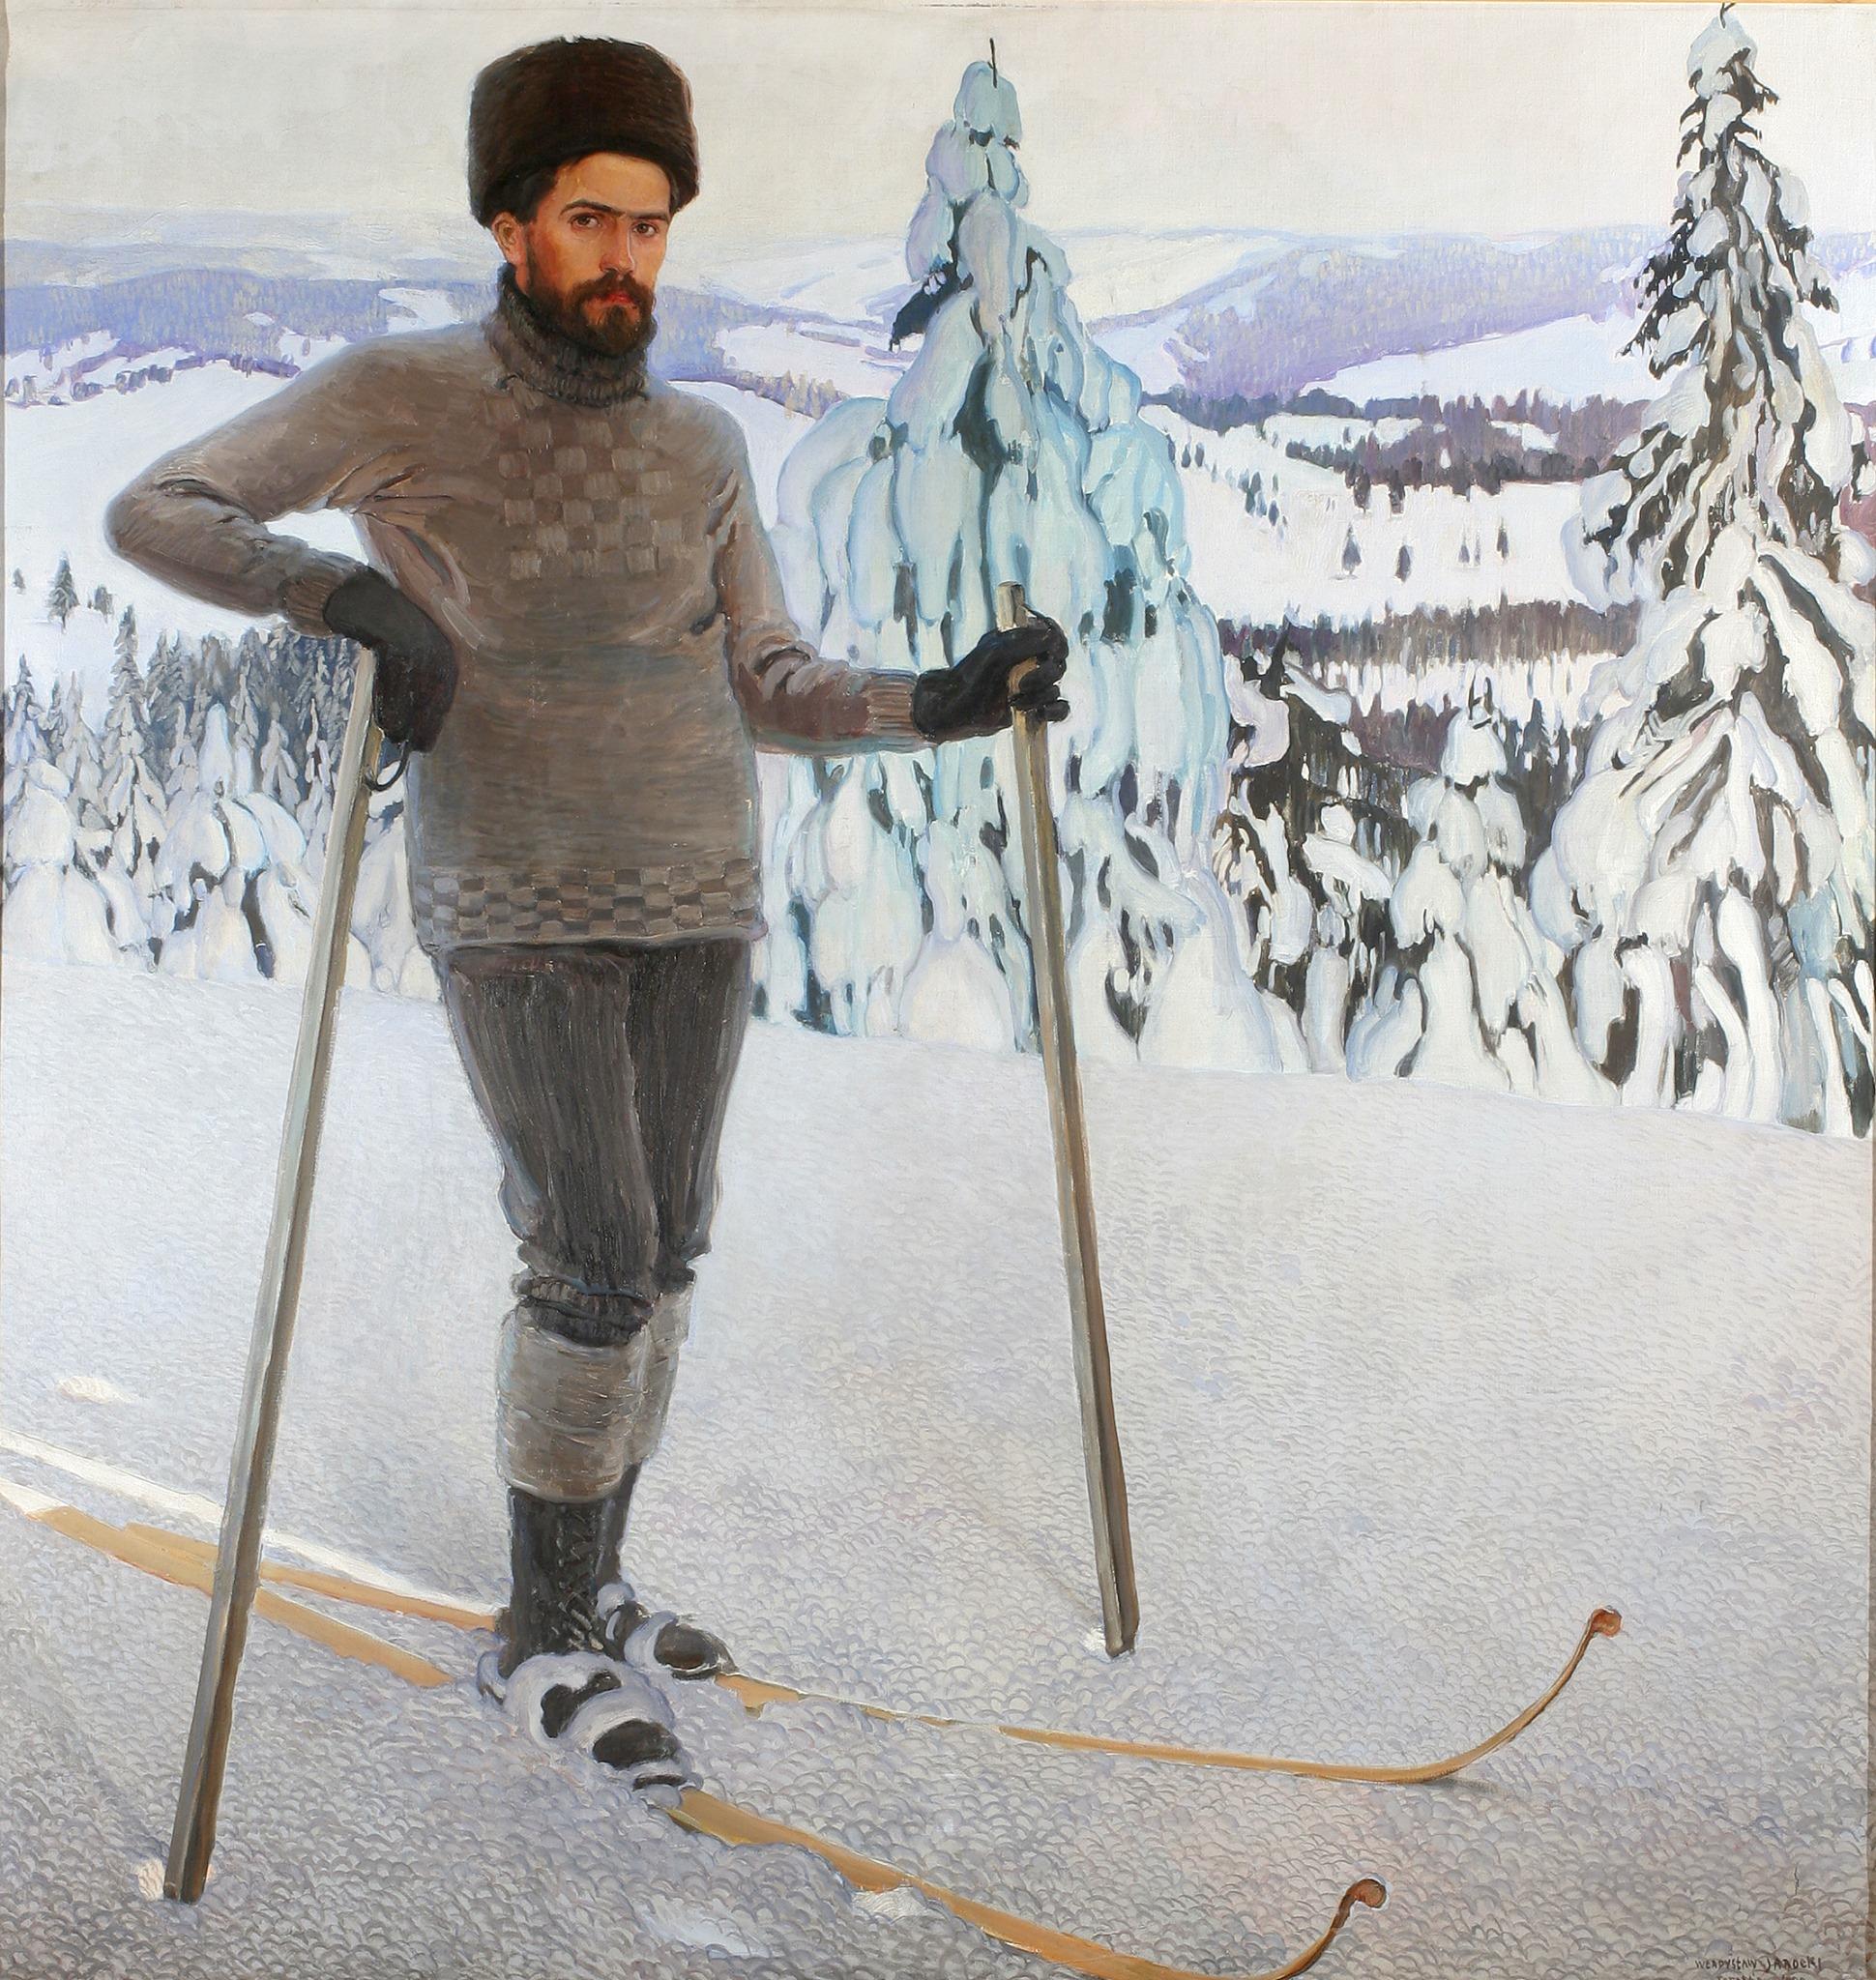 """Władysław Jarocki (1879-1965) """"Autoportret na nartach"""", 1909 rok, źródło: Muzeum Narodowe we Wrocławiu"""